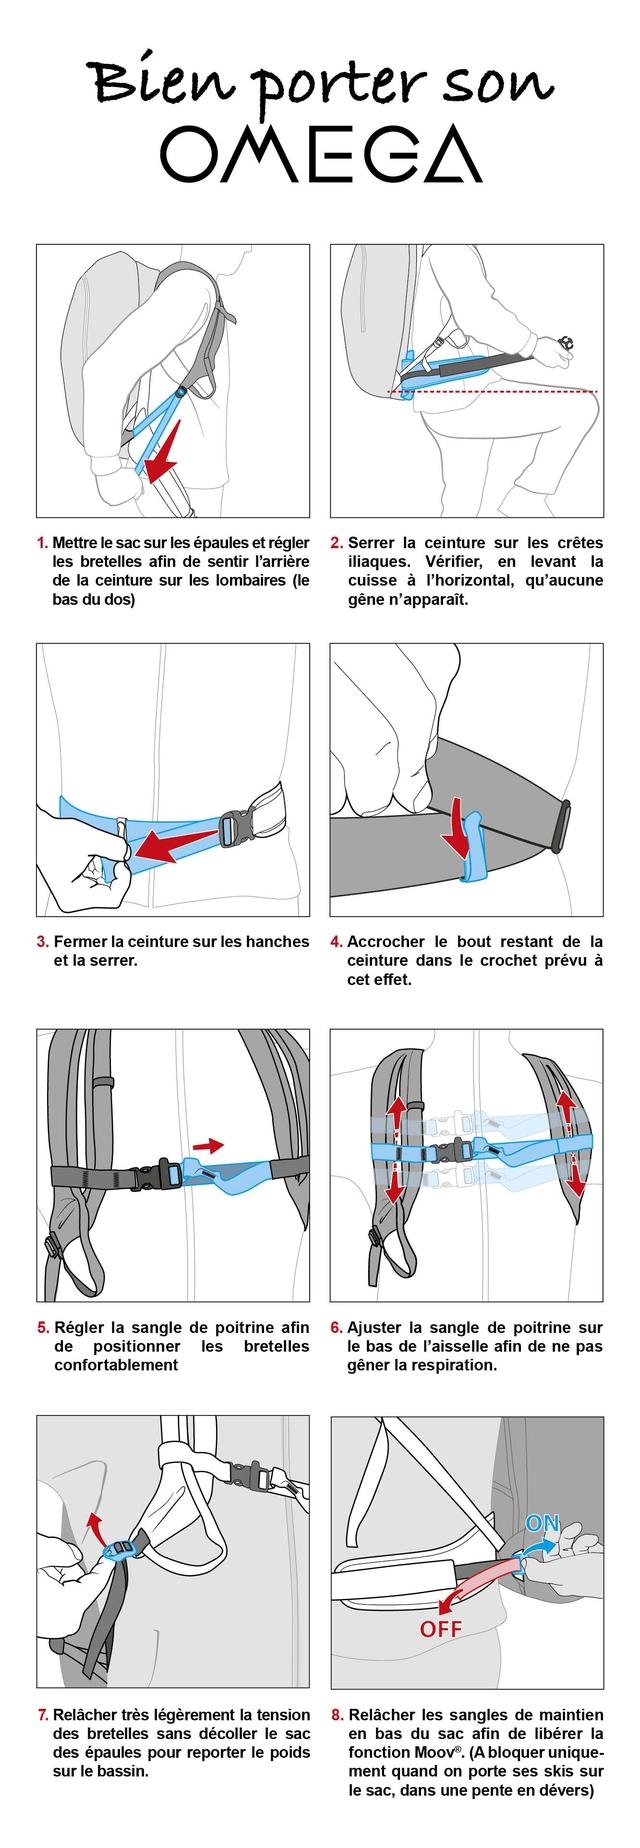 Bien porter son OMEG \EGA 1. Mettre le sac sur les epaules et regler 2. Serrer la ceinture sur les cretes les bretelles afin de sentir iliaques. Verifier, en levant la de la ceinture sur les lombaires (le cuisse a I'horizontal, qu'aucune bas du dos) gene n'apparait. 3. Fermer la ceinture sur les hanches 4. Accrocher le bout restant de la et la serrer. ceinture dans crochet prevu a cet effet. 5. Regler la sangle de poitrine afin 6. Ajuster la sangle de poitrine sur de positionner les bretelles le bas de afin de ne pas confortablement gener la respiration. ON OFF 7. Relacher tres legerement la tension 8. Relacher les sangles de maintien des bretelles sans decoller sac en bas du sac afin de liberer la des epaules pour reporter le poids fonction Moov (A bloquer unique- sur le bassin. ment quand on porte ses skis sur le sac, dans une pente en devers)